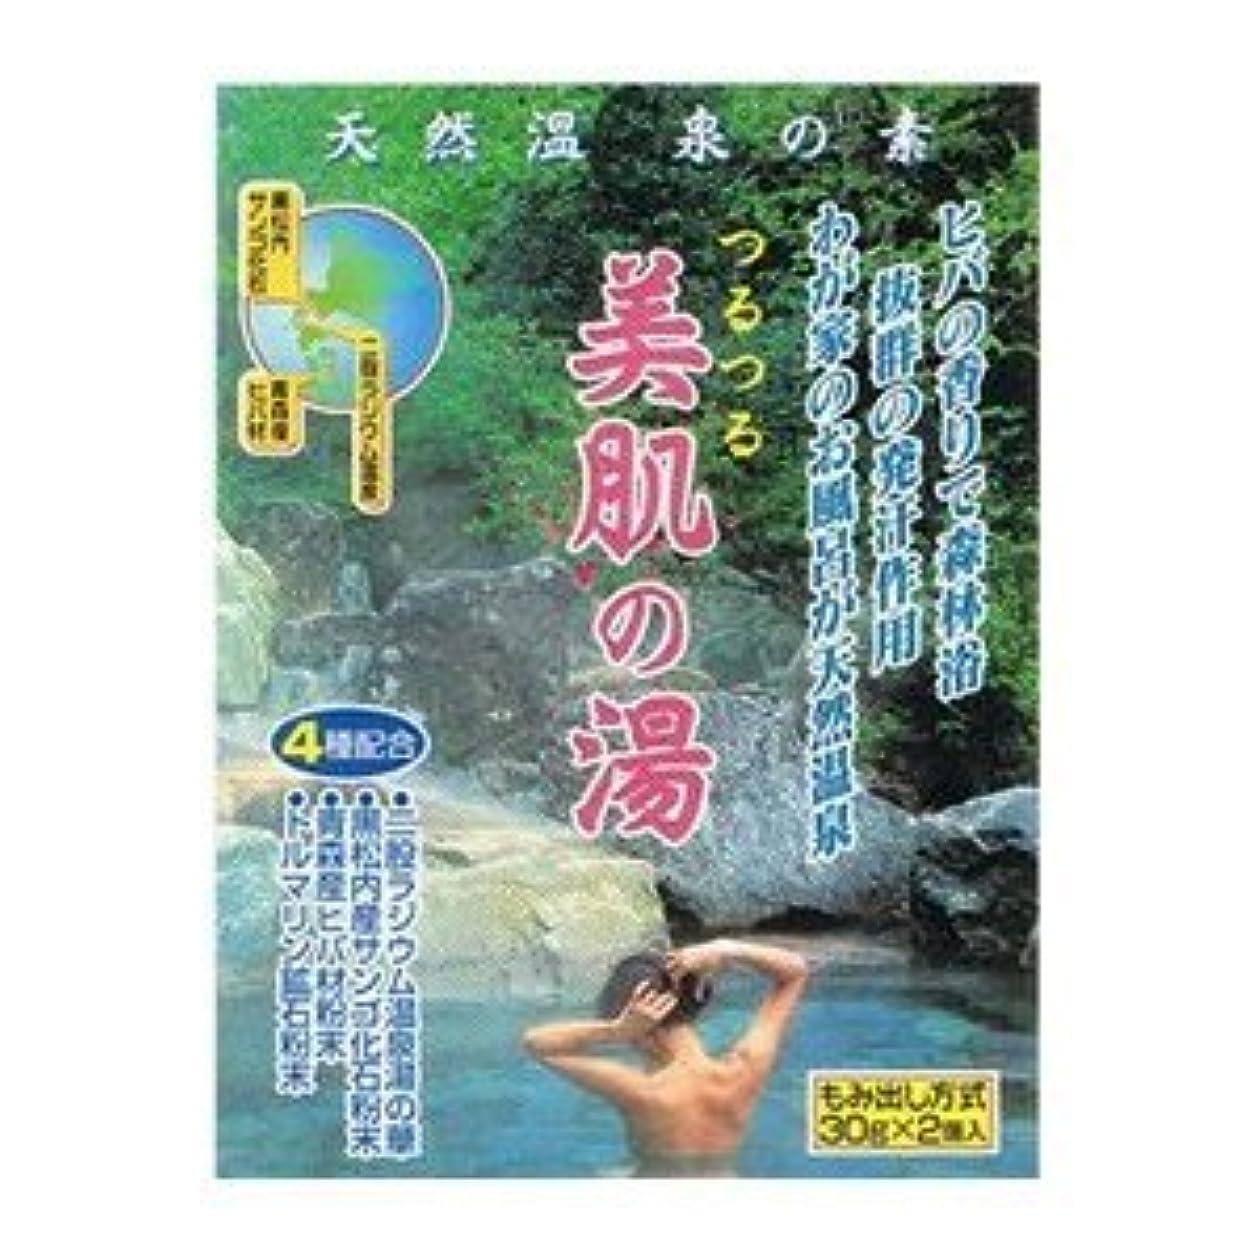 ボイドアンカー大事にする天然温泉の素 美肌の湯 (30g×2個入)×18袋セット